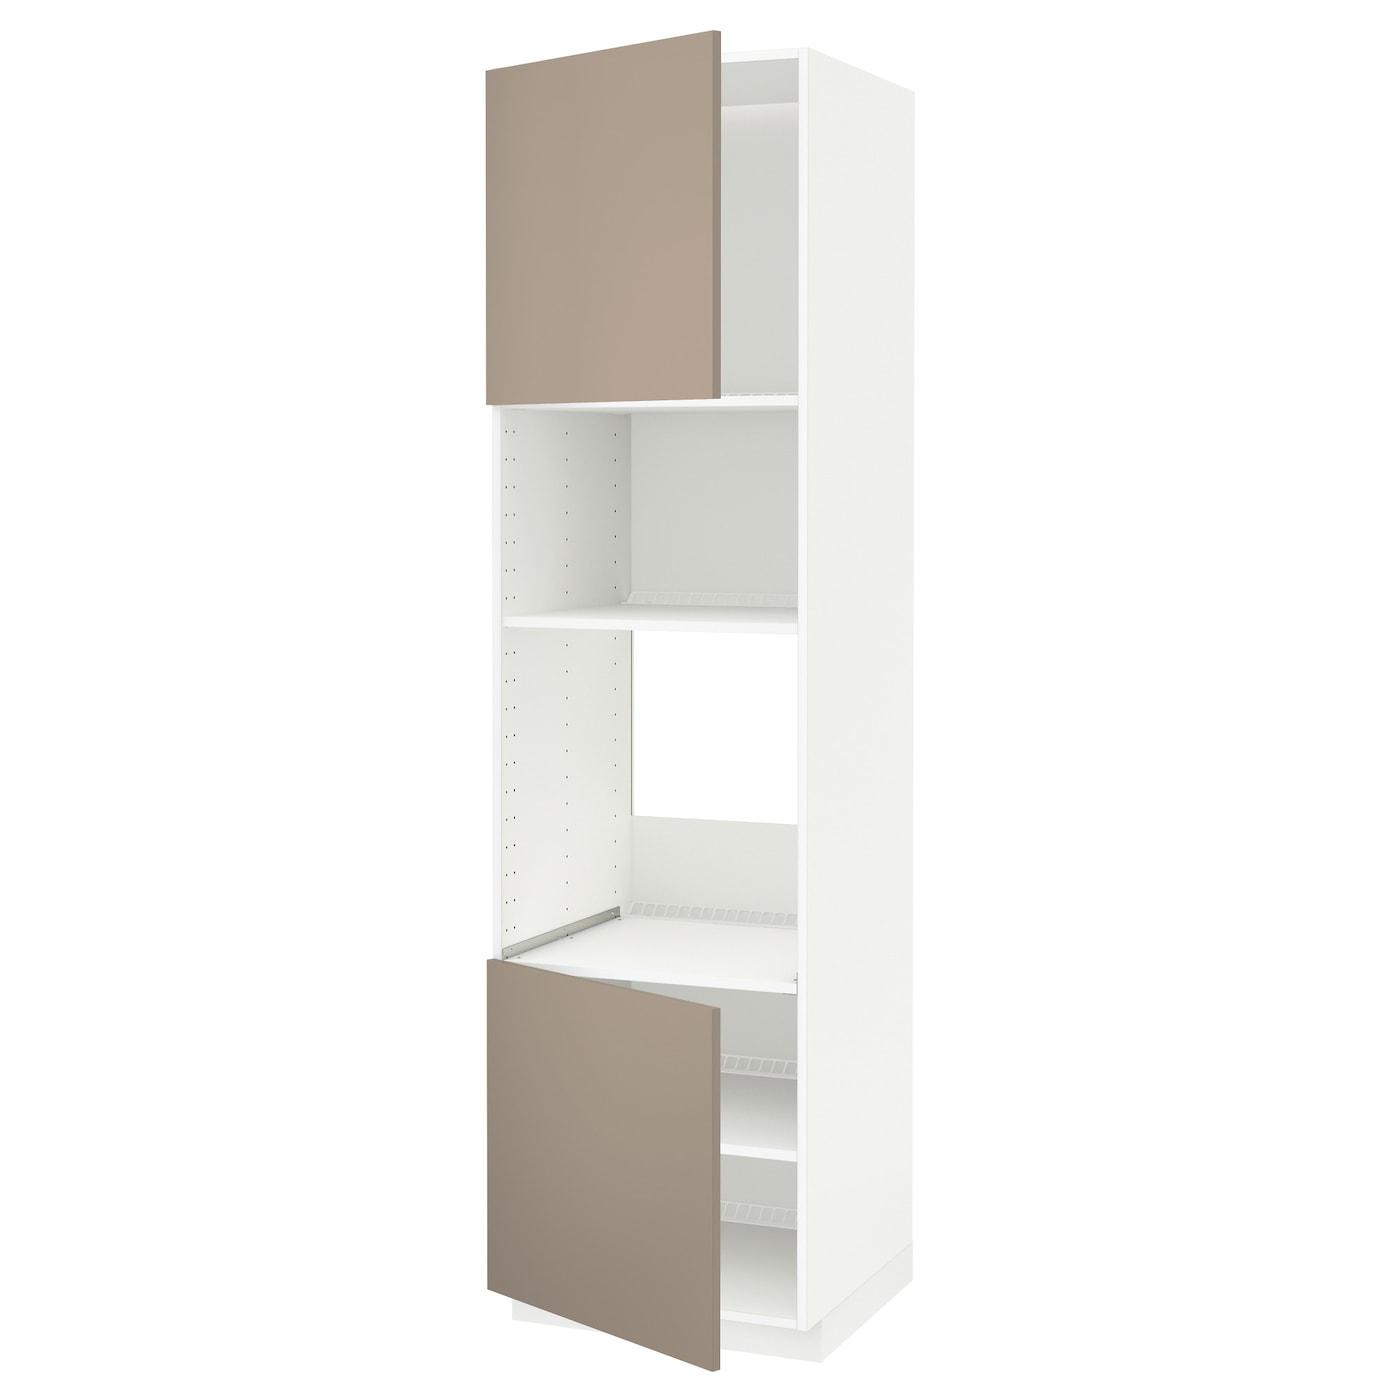 METOD, HS für Ofen/Mikro m 2 Türen/Böden, weiß, dunkelbeige 791.166.58